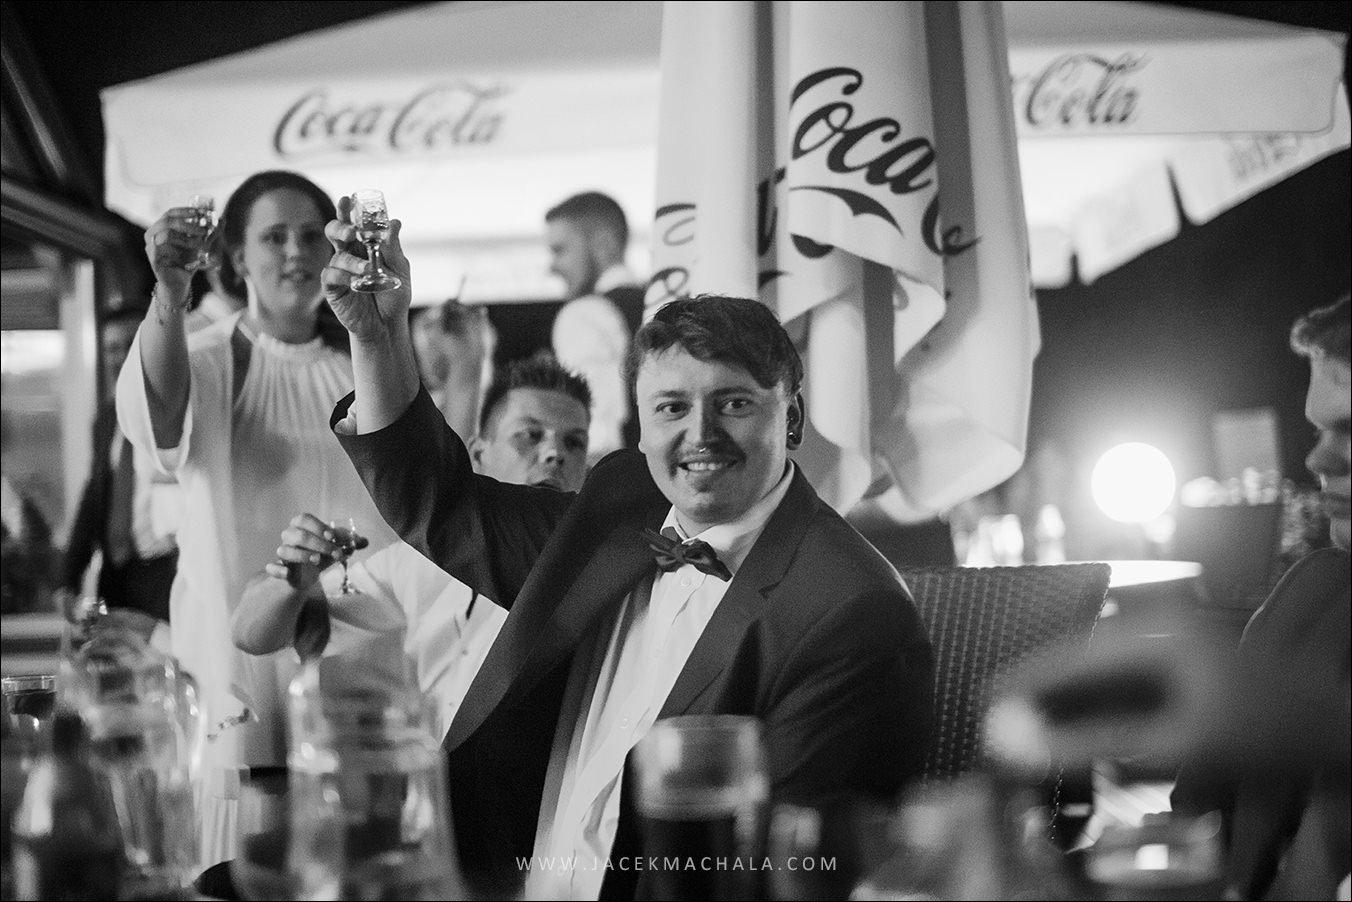 slask fotograf bielsko biala diana i dawid 73 - Hotel Ostaniec - DIANA & DAWID